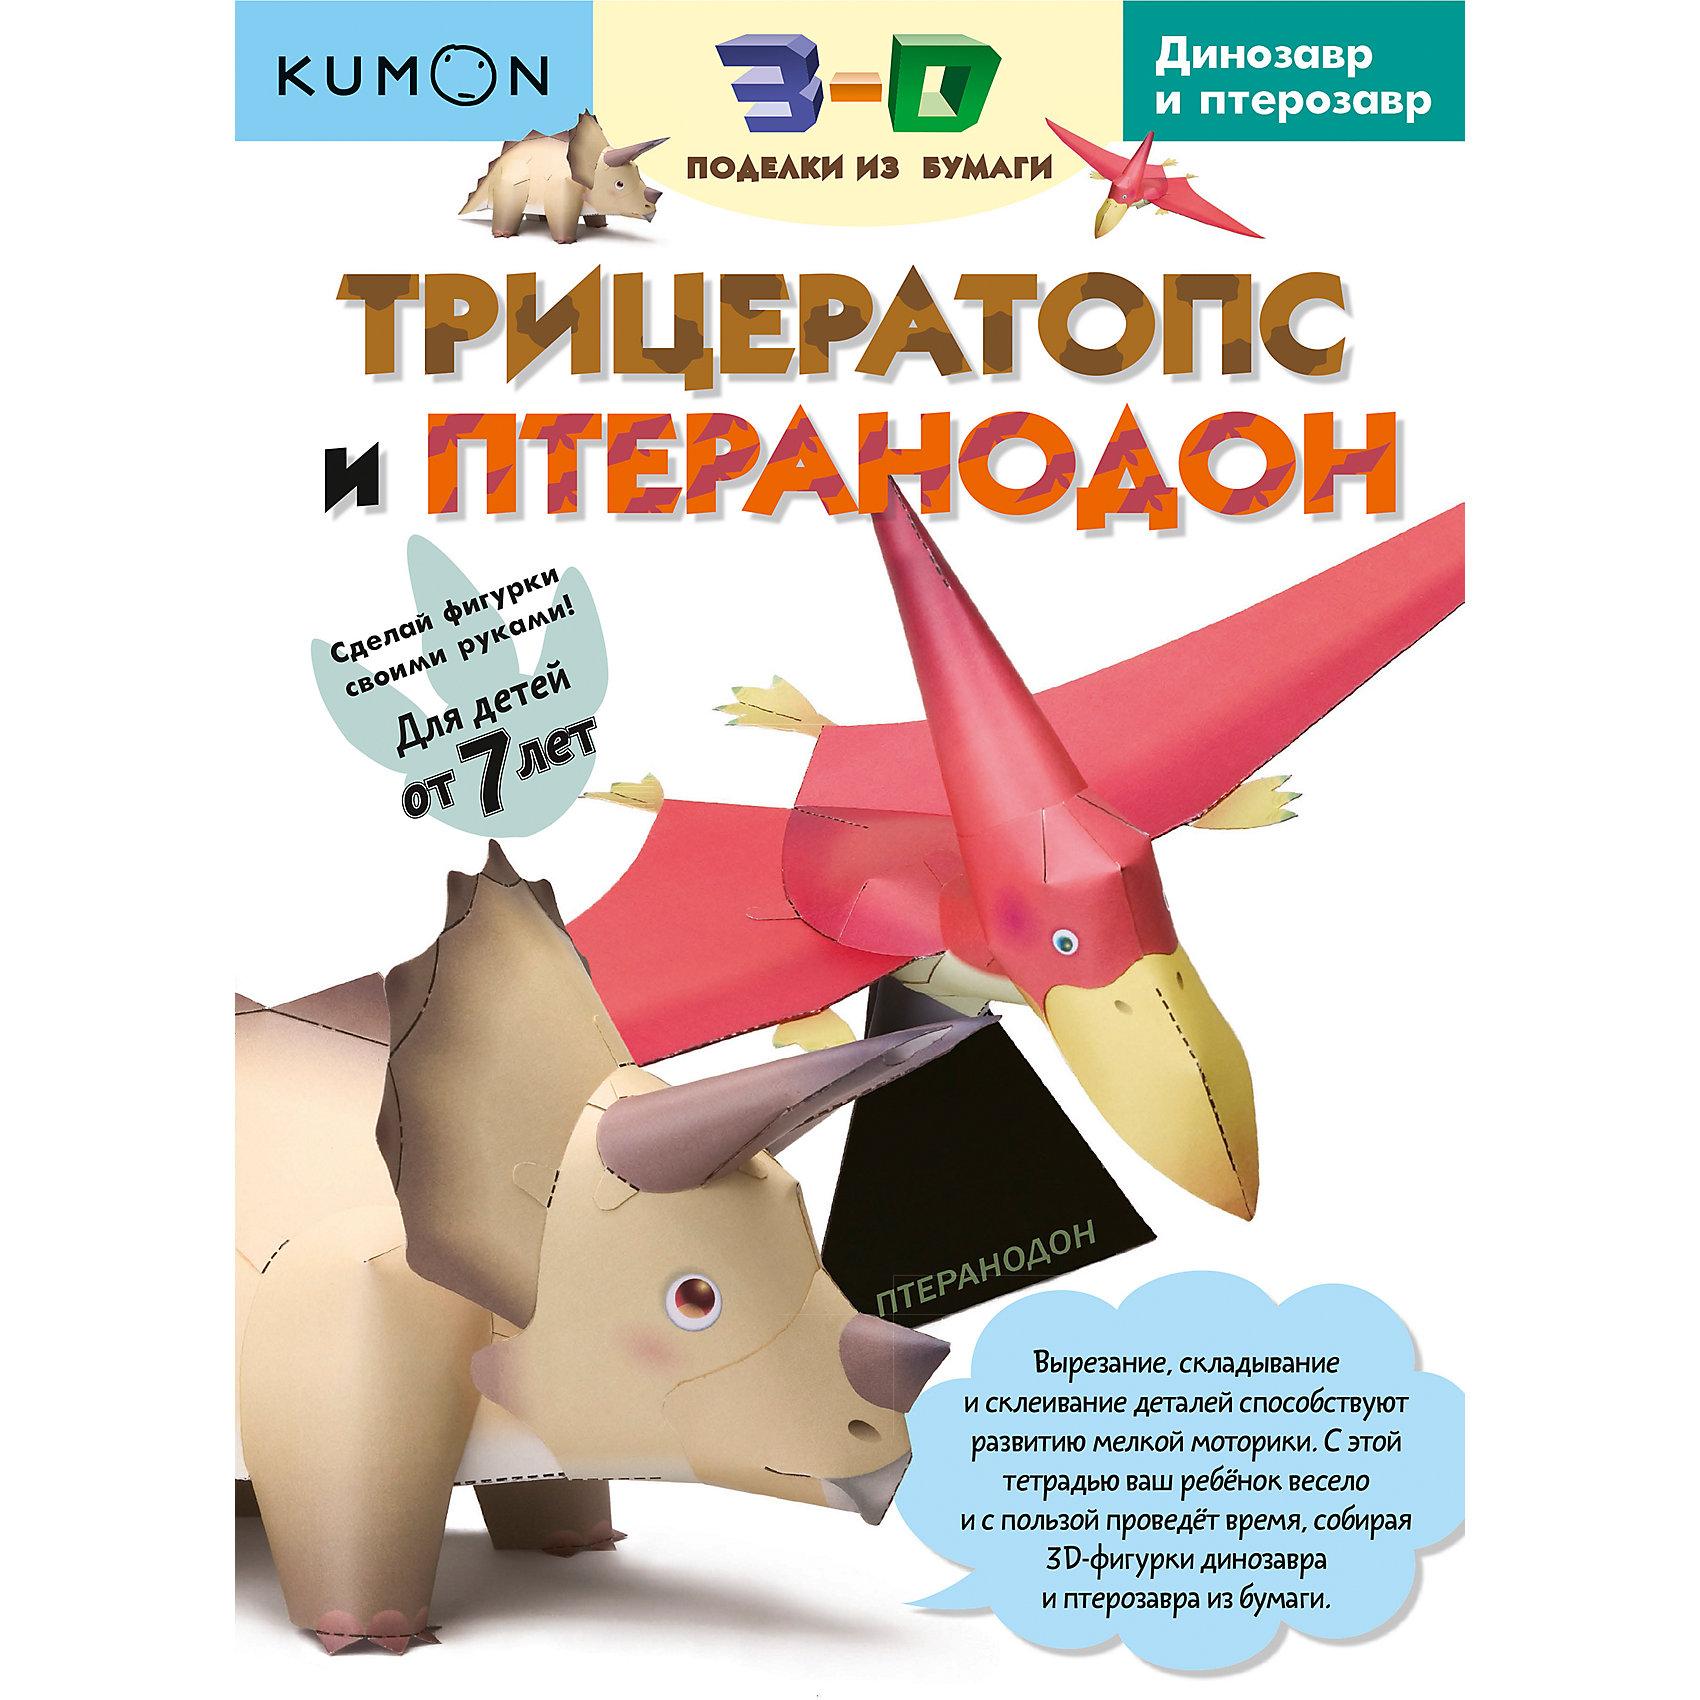 3D поделки из бумаги: Трицератопс и птеранодон, KumonРисование<br>Вместе с тетрадью «Трицератопс и птеранодон» ваш ребёнок будет развивать мелкую моторику и пространственное мышление, собирая из бумаги фигурки этих животных.<br><br>Ширина мм: 297<br>Глубина мм: 210<br>Высота мм: 50<br>Вес г: 236<br>Возраст от месяцев: 84<br>Возраст до месяцев: 168<br>Пол: Унисекс<br>Возраст: Детский<br>SKU: 5535167